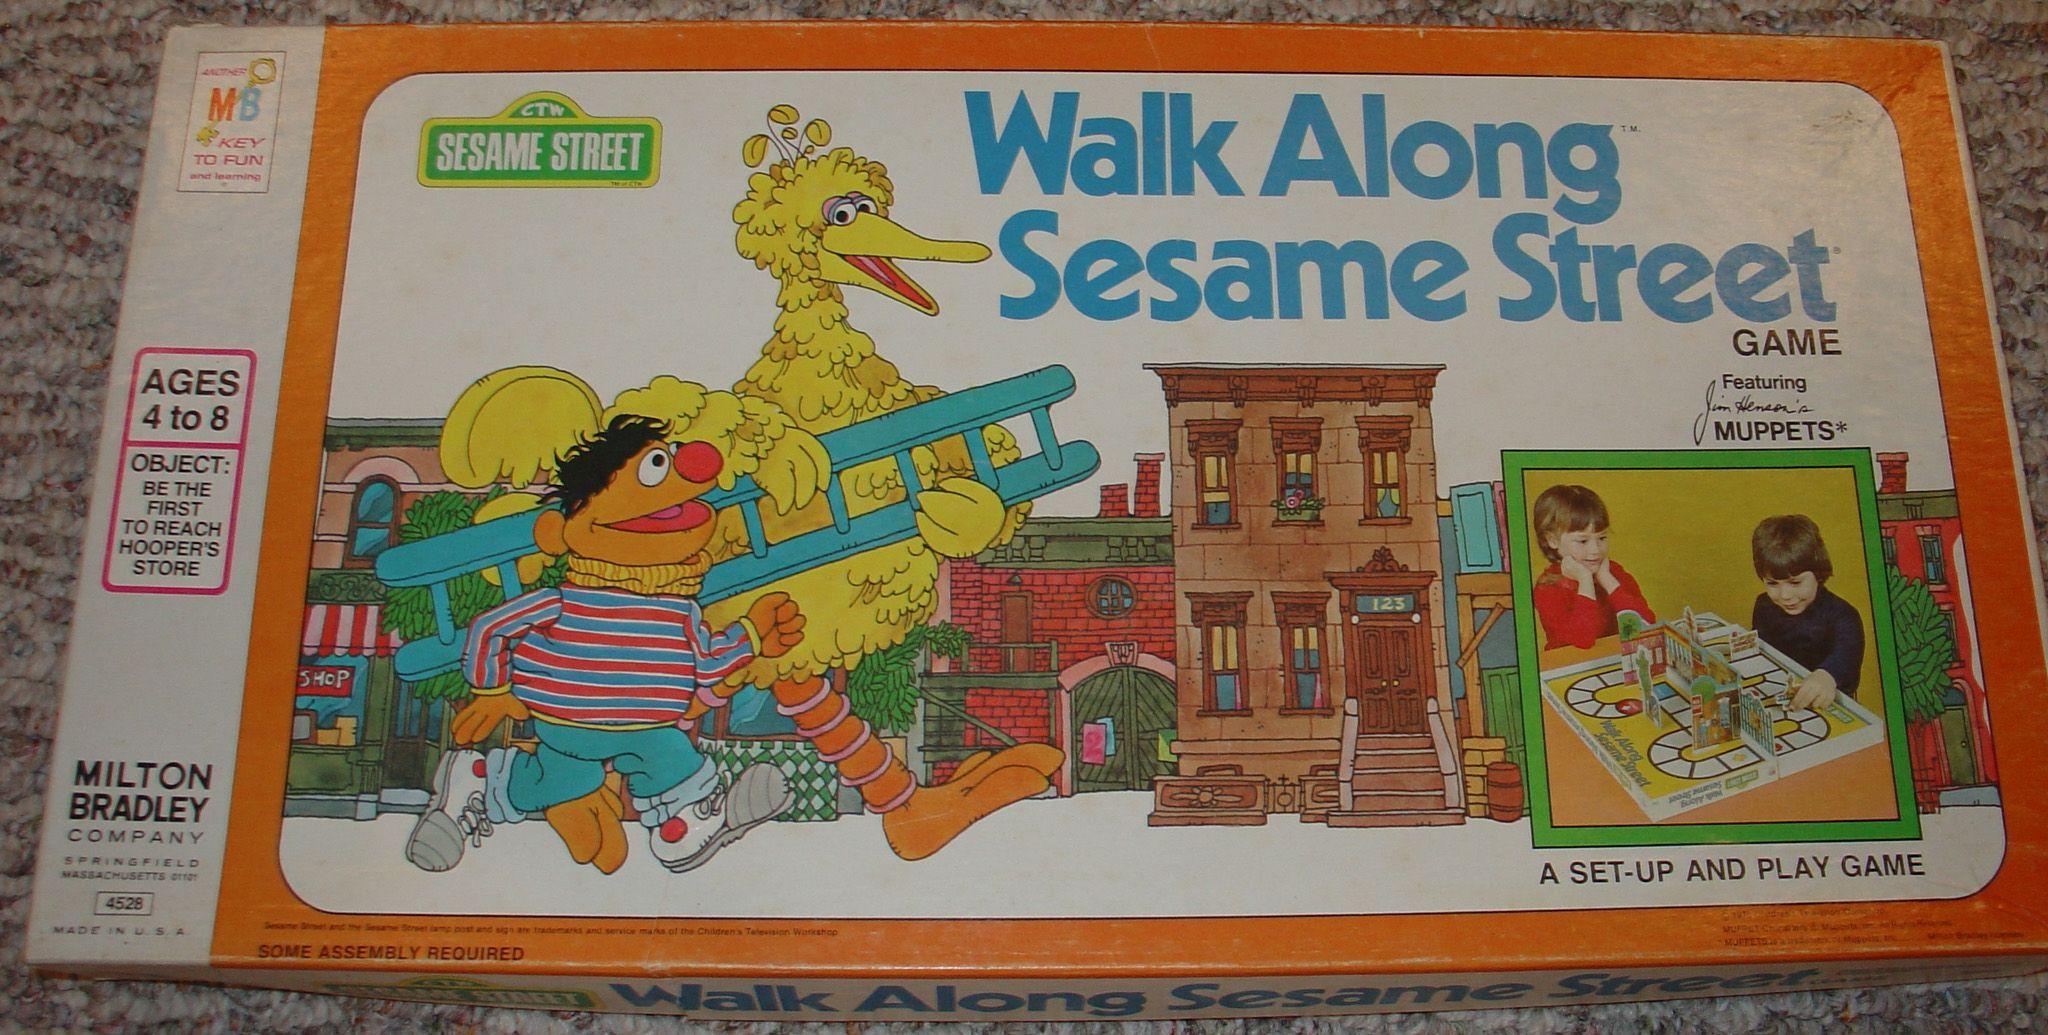 Walk Along Sesame Street